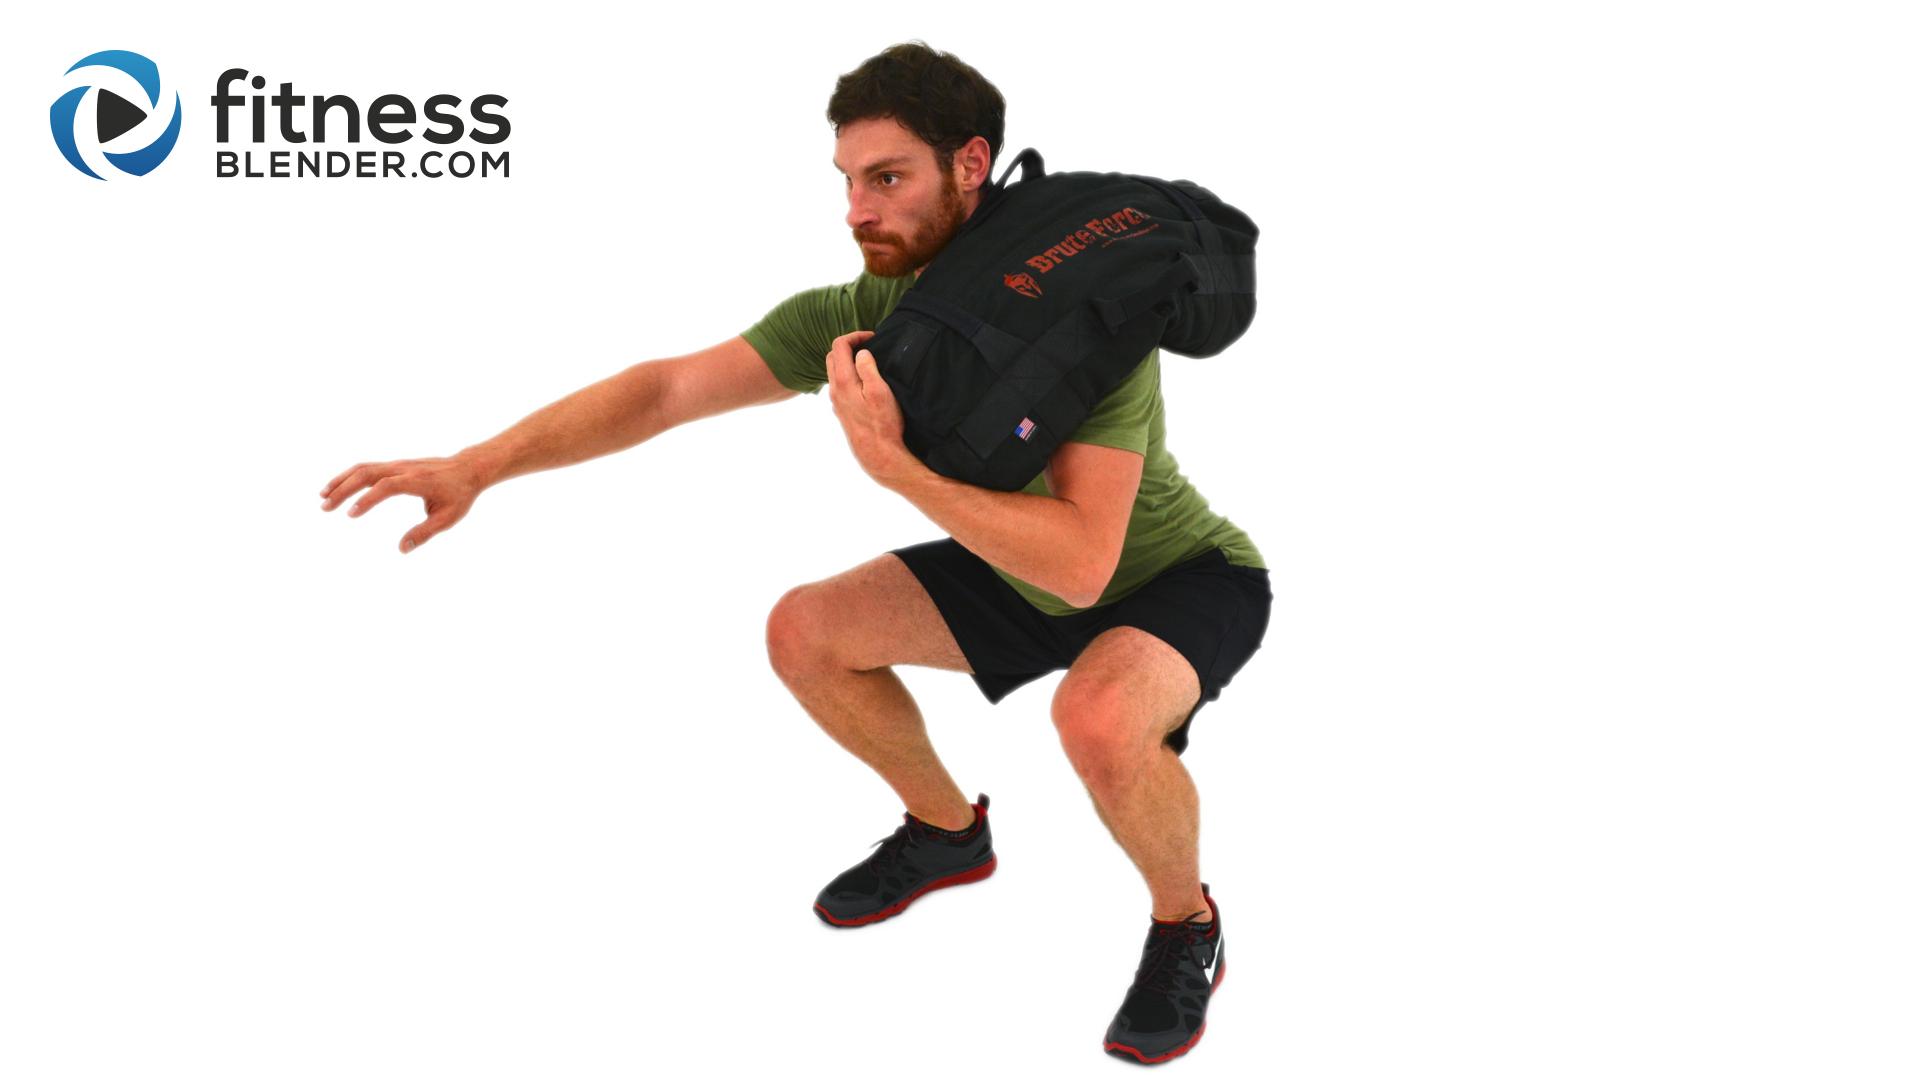 Advanced Sandbag Workout - Total Body Sandbag Training Burnout | Fitness Blender